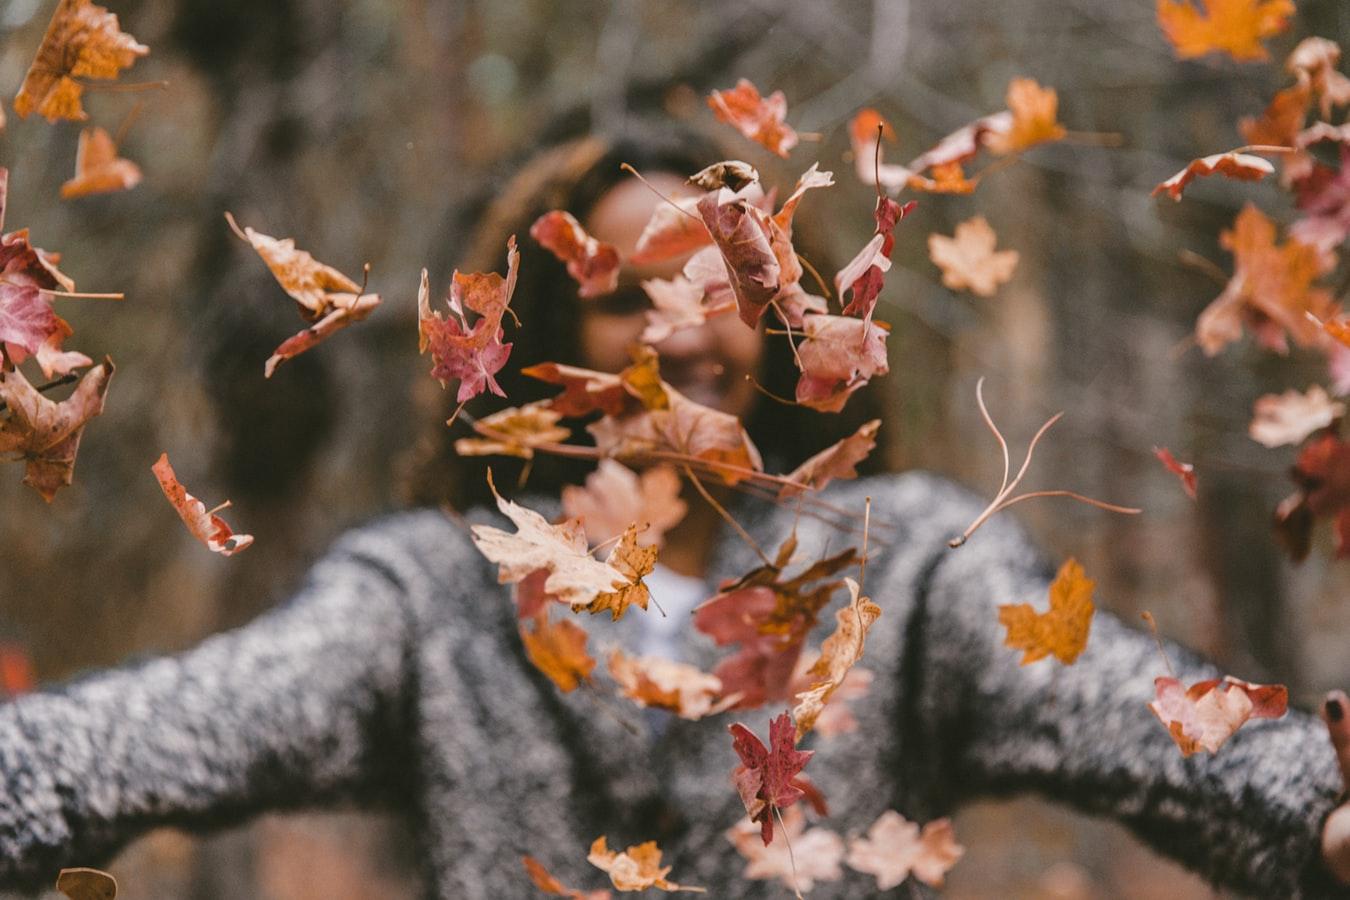 Patrice Vecchione – Autumn